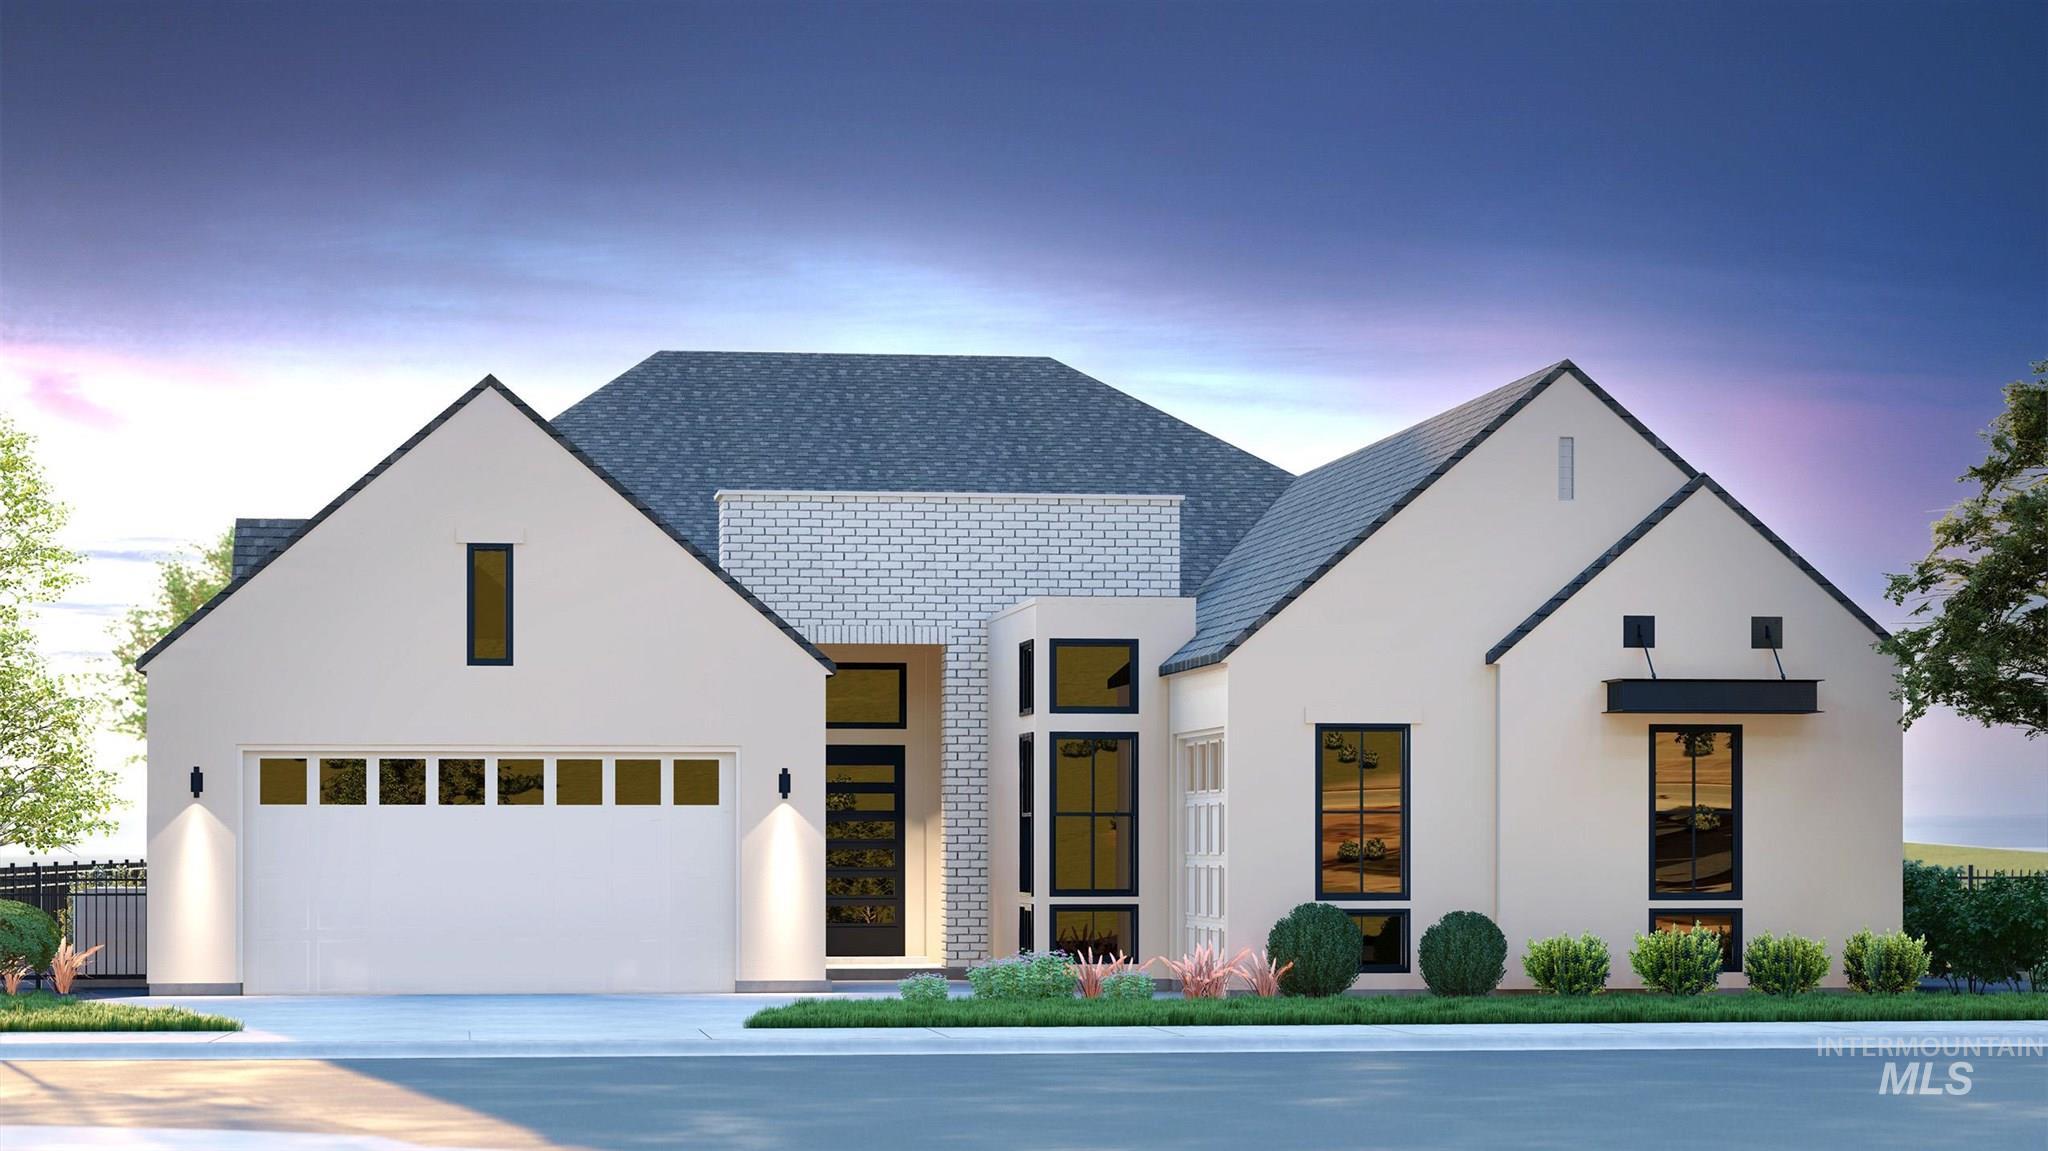 2524 S Grebe Ave Property Photo